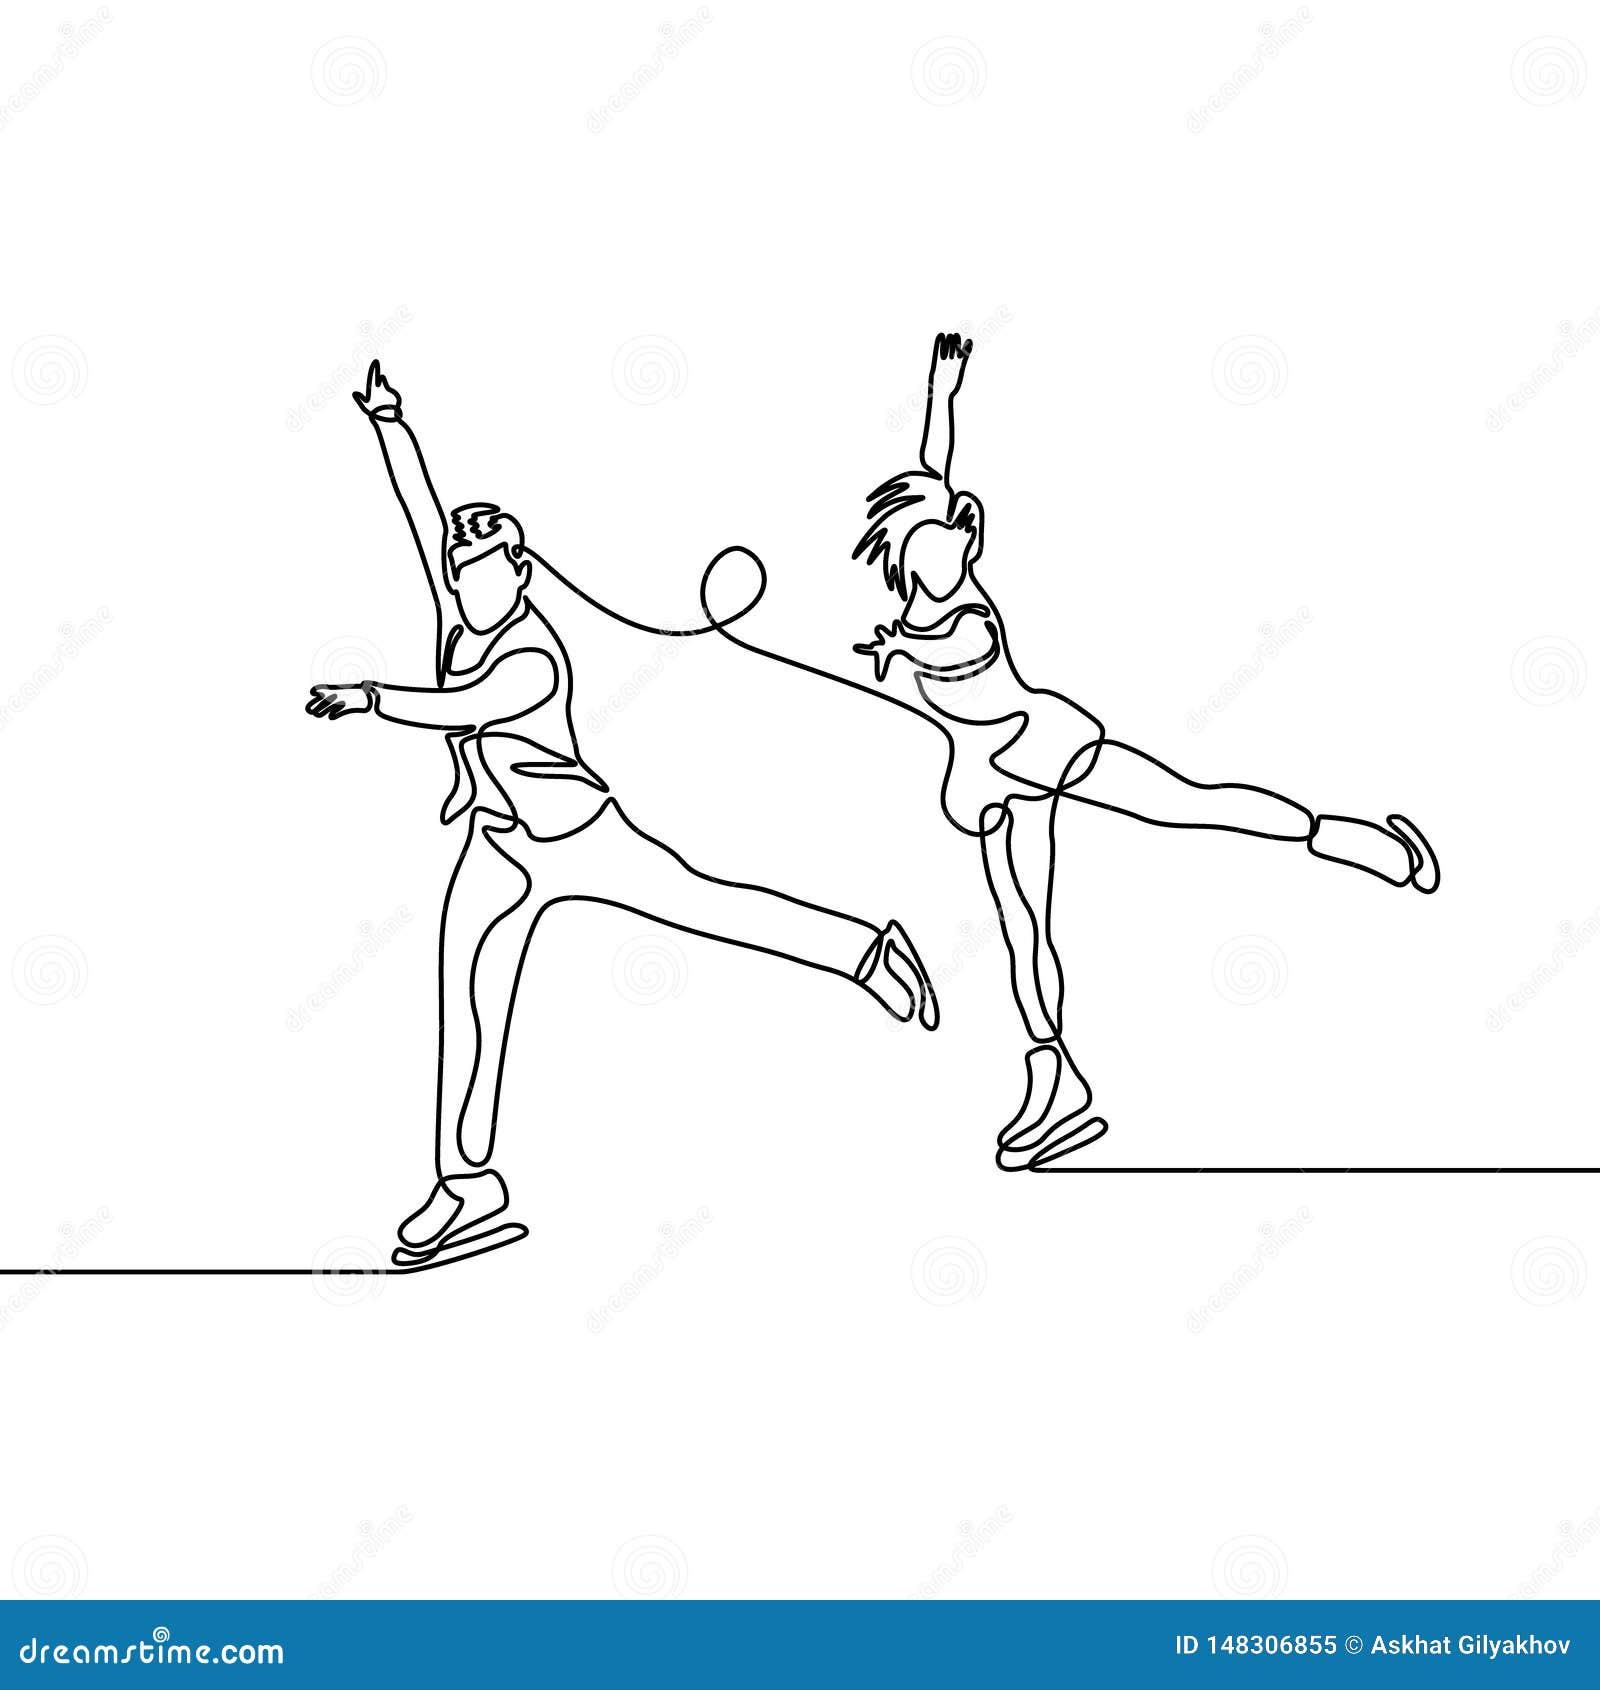 Línea continua par de figura patinadores, patinaje artístico los pares